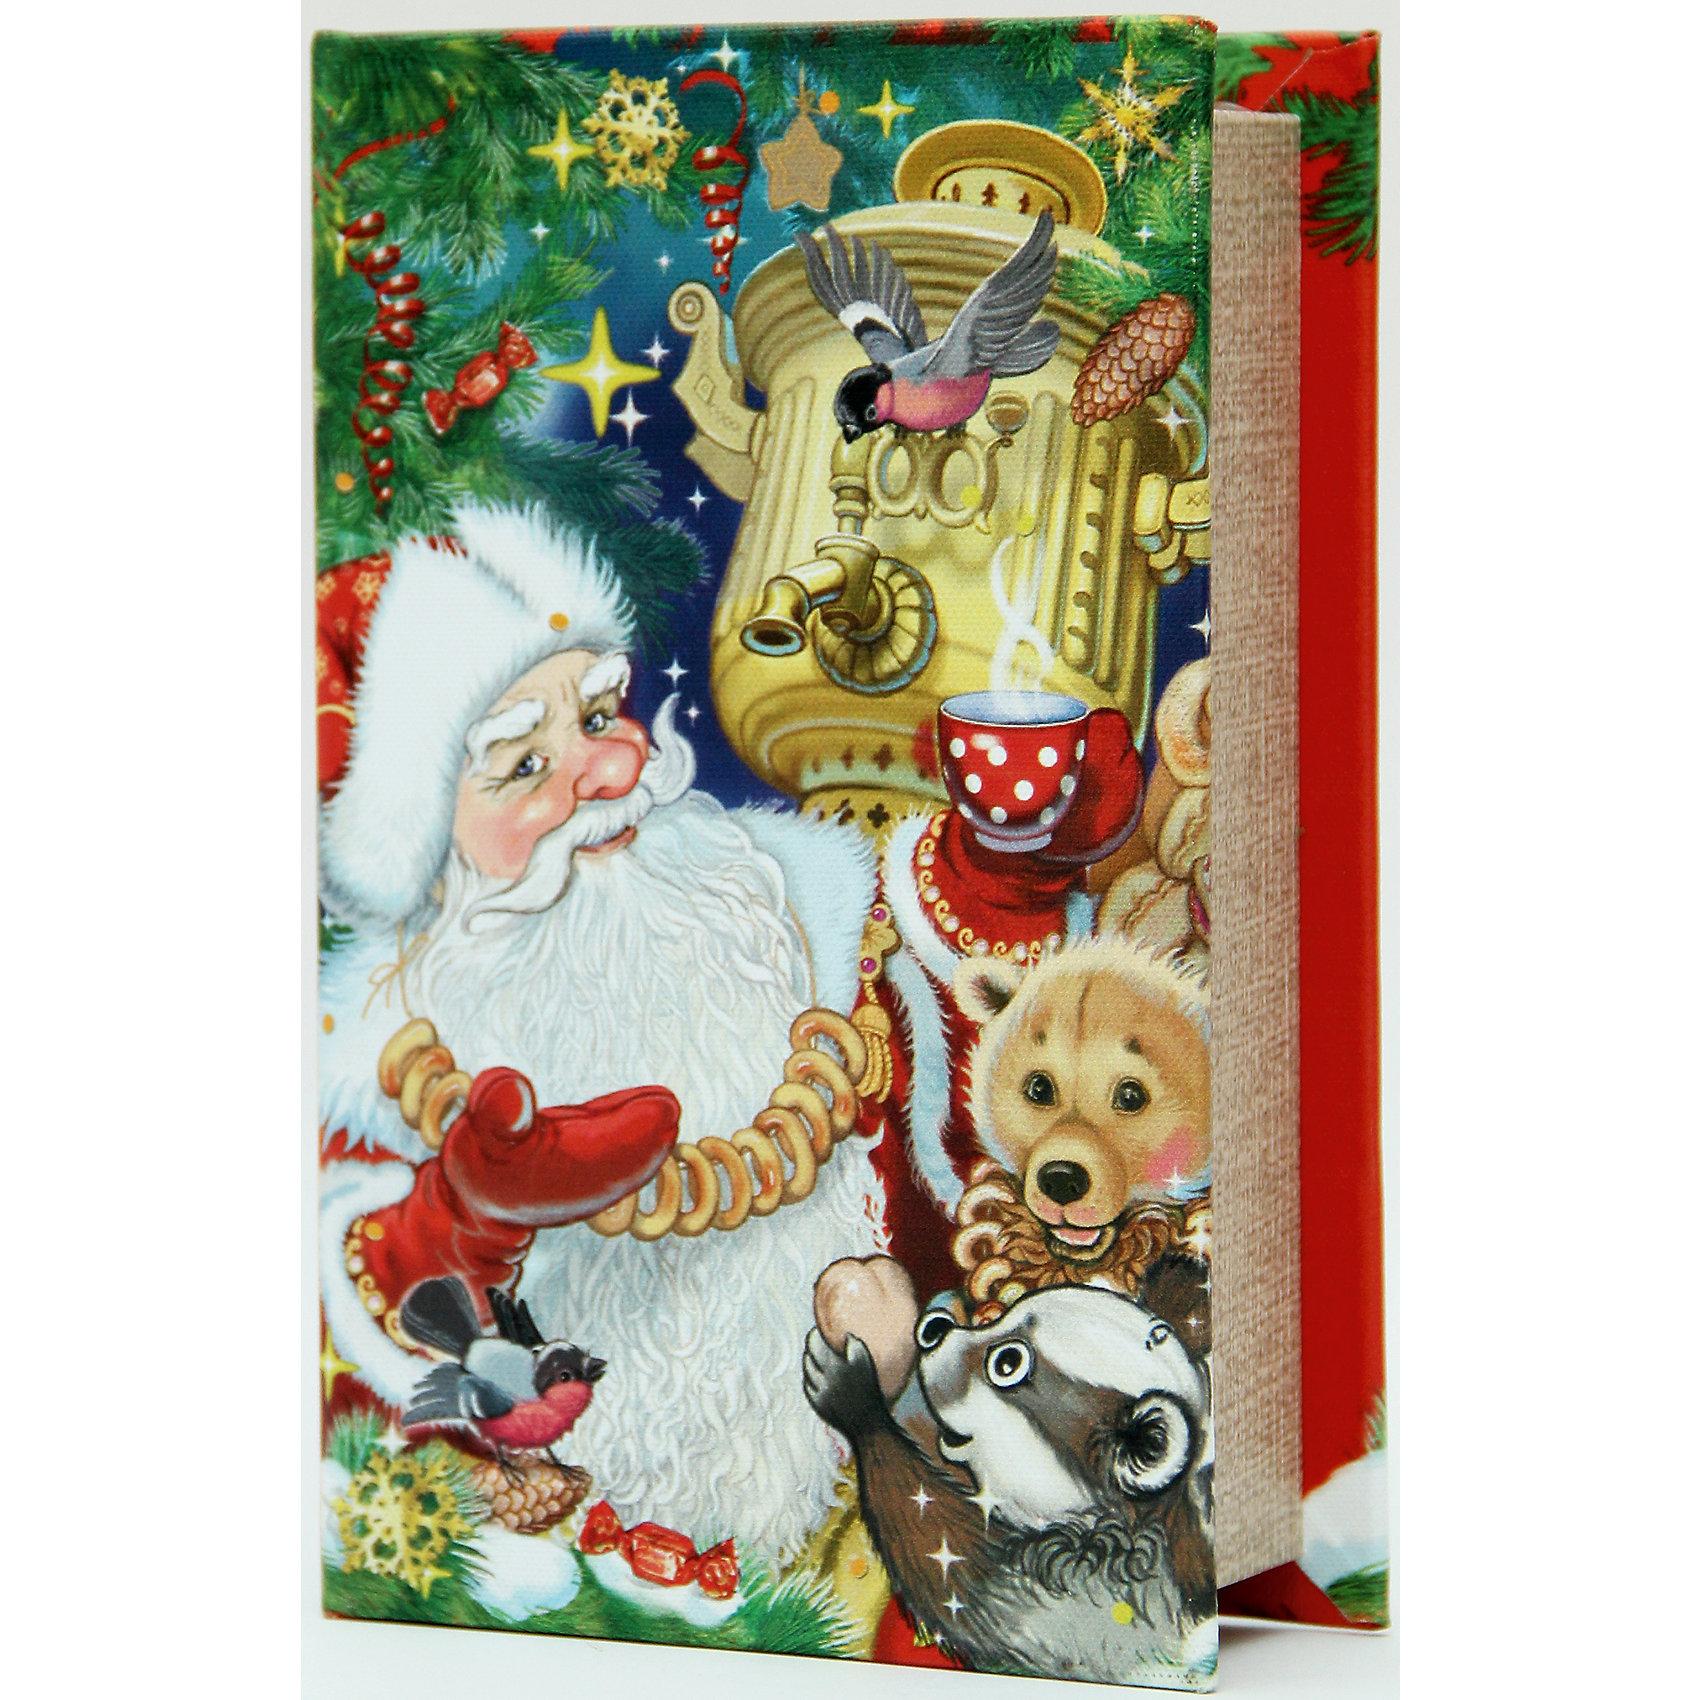 Декоративная шкатулка Дед Мороз с самоваром  (17*11*5, из МДФ)Новогодние свечи и подсвечники<br>Декоративная шкатулка Дед Мороз с самоваром арт.38472 (17*11*5чс, из МДФ) / 17*11*5 арт.38472<br><br>Ширина мм: 180<br>Глубина мм: 120<br>Высота мм: 60<br>Вес г: 307<br>Возраст от месяцев: 60<br>Возраст до месяцев: 600<br>Пол: Унисекс<br>Возраст: Детский<br>SKU: 5144543